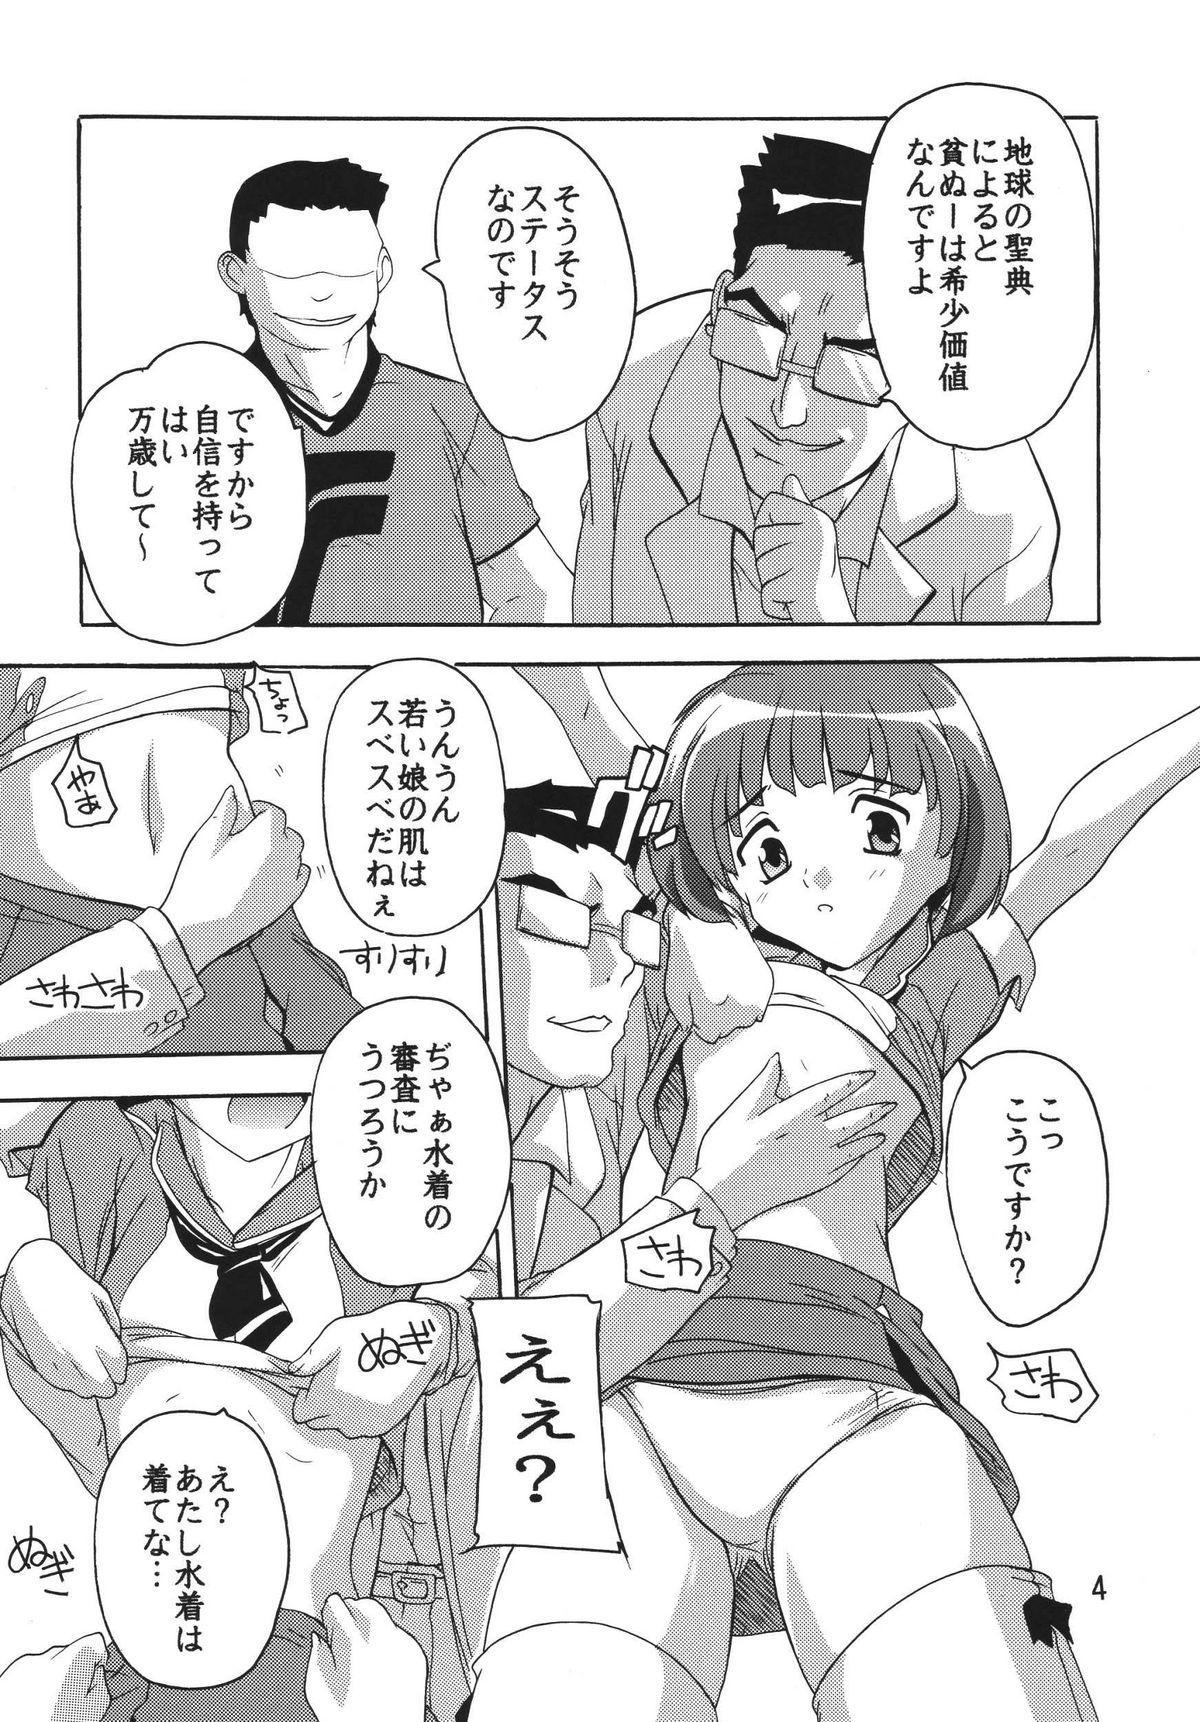 Ryoujoku Utahime 2